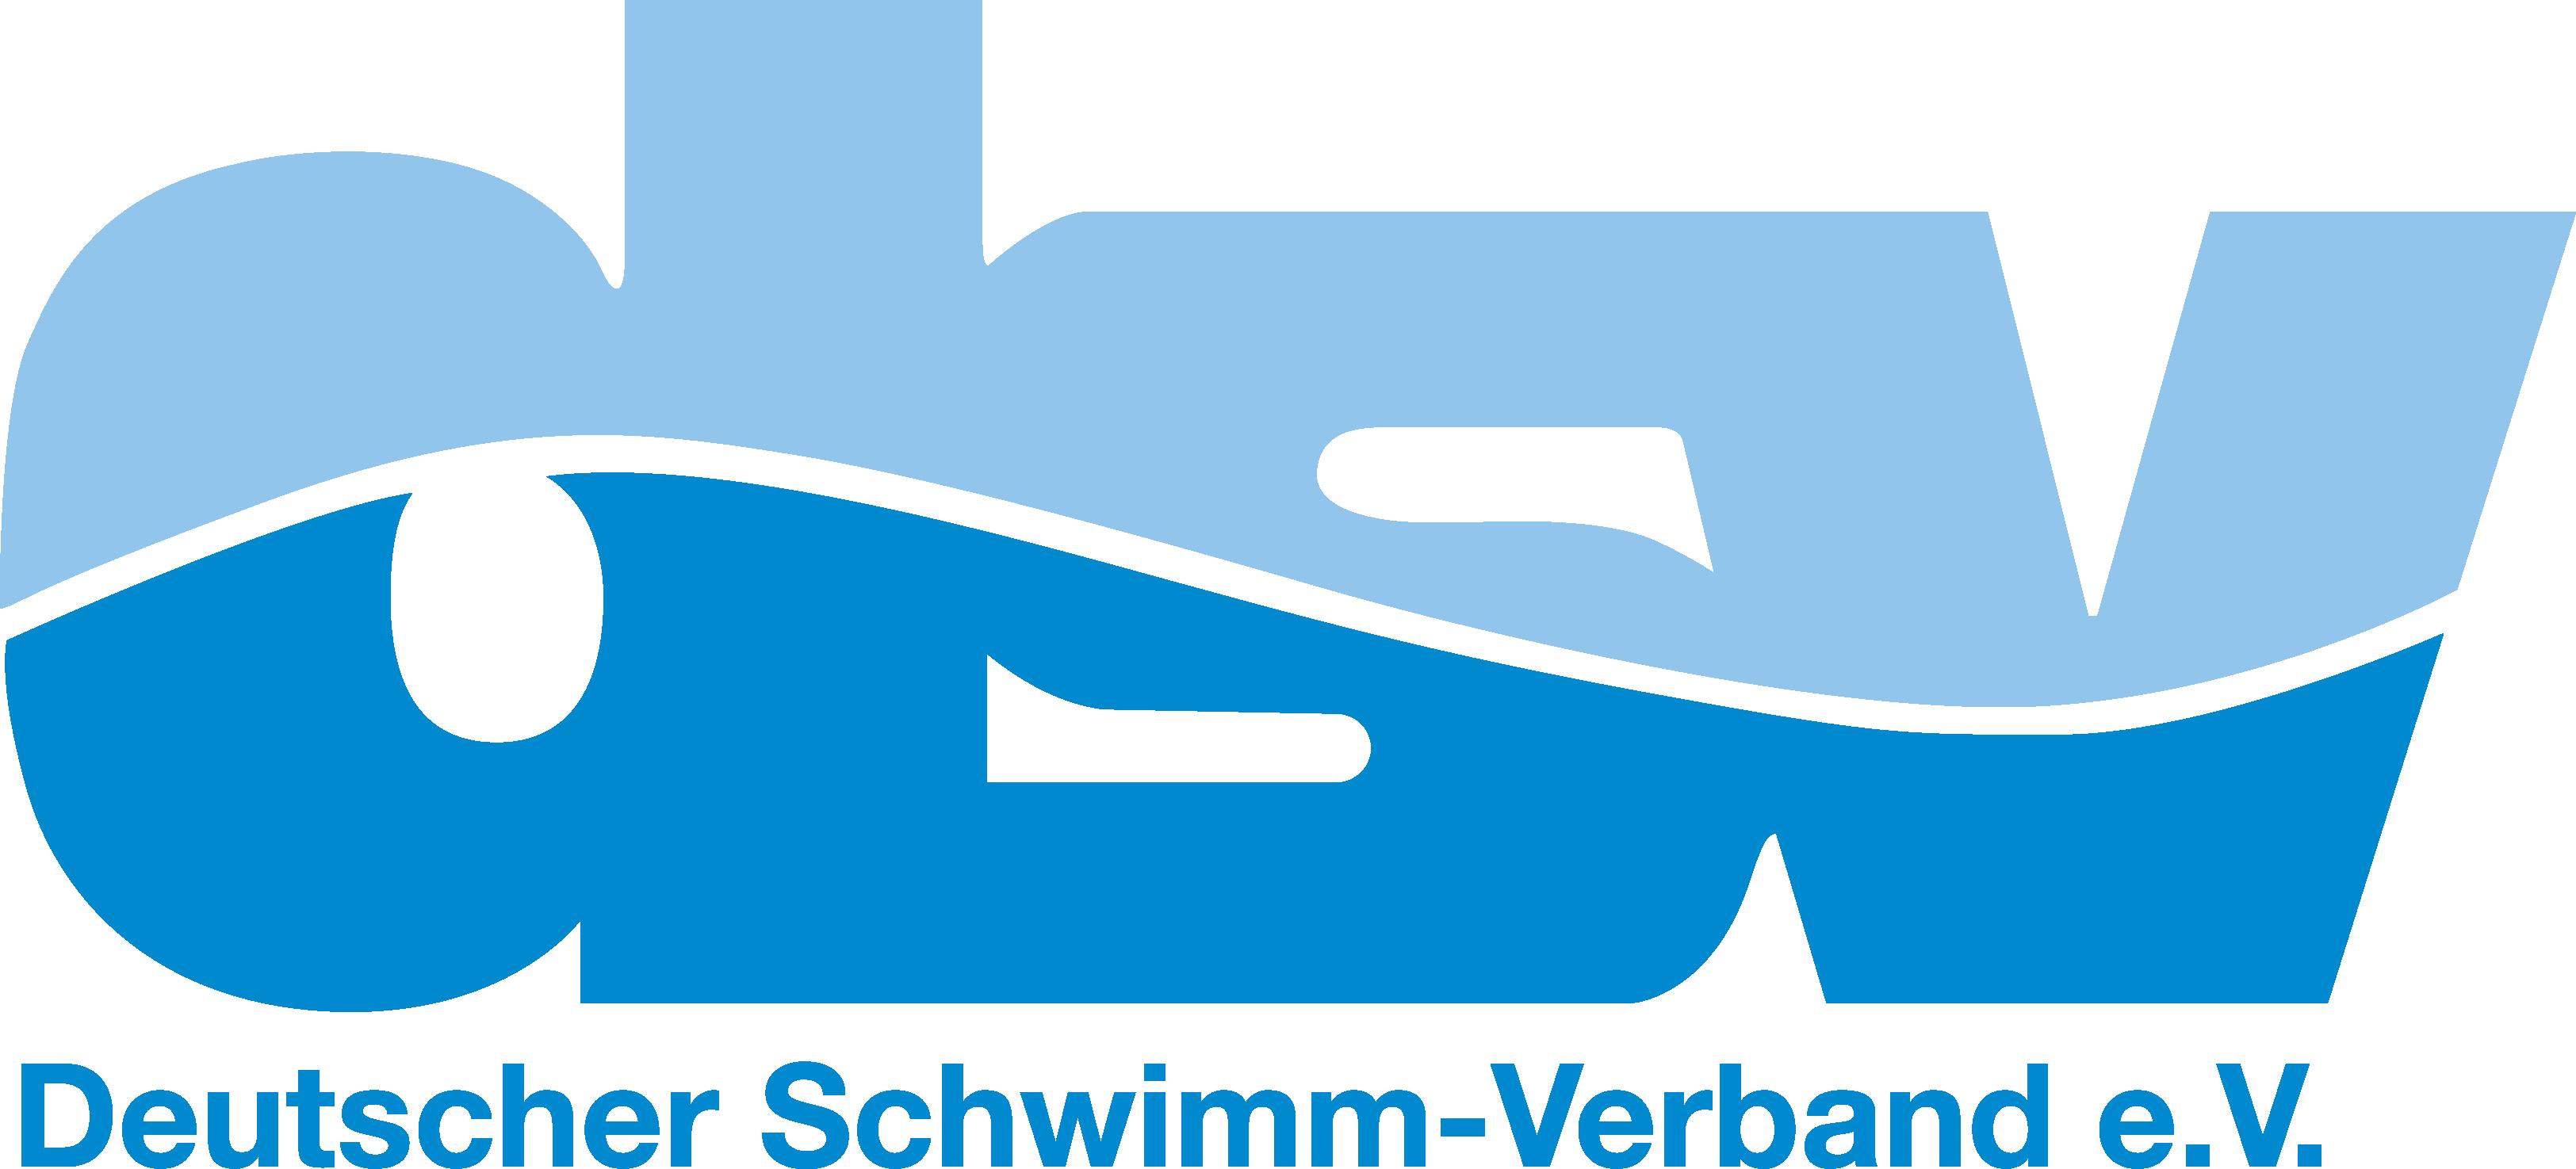 Deutscher Schwimm-Verband e.V.